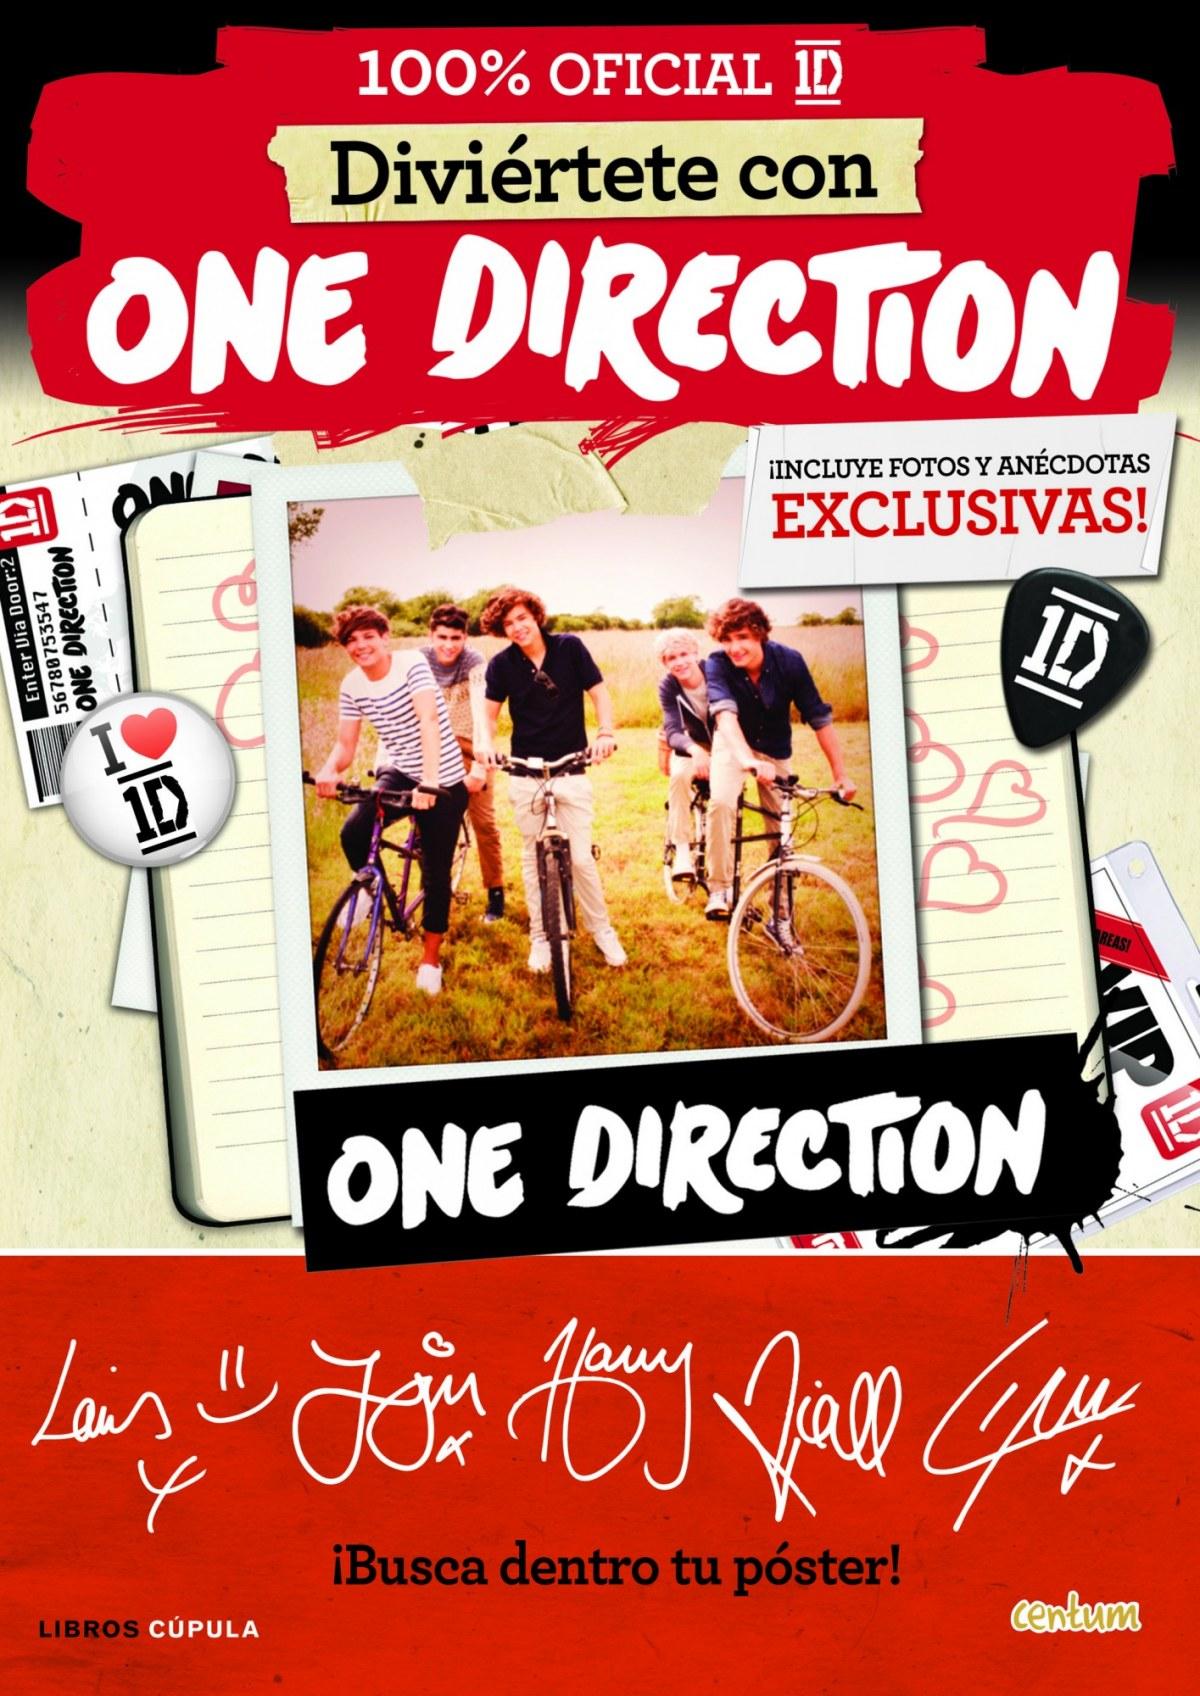 Diviertete con One Direction